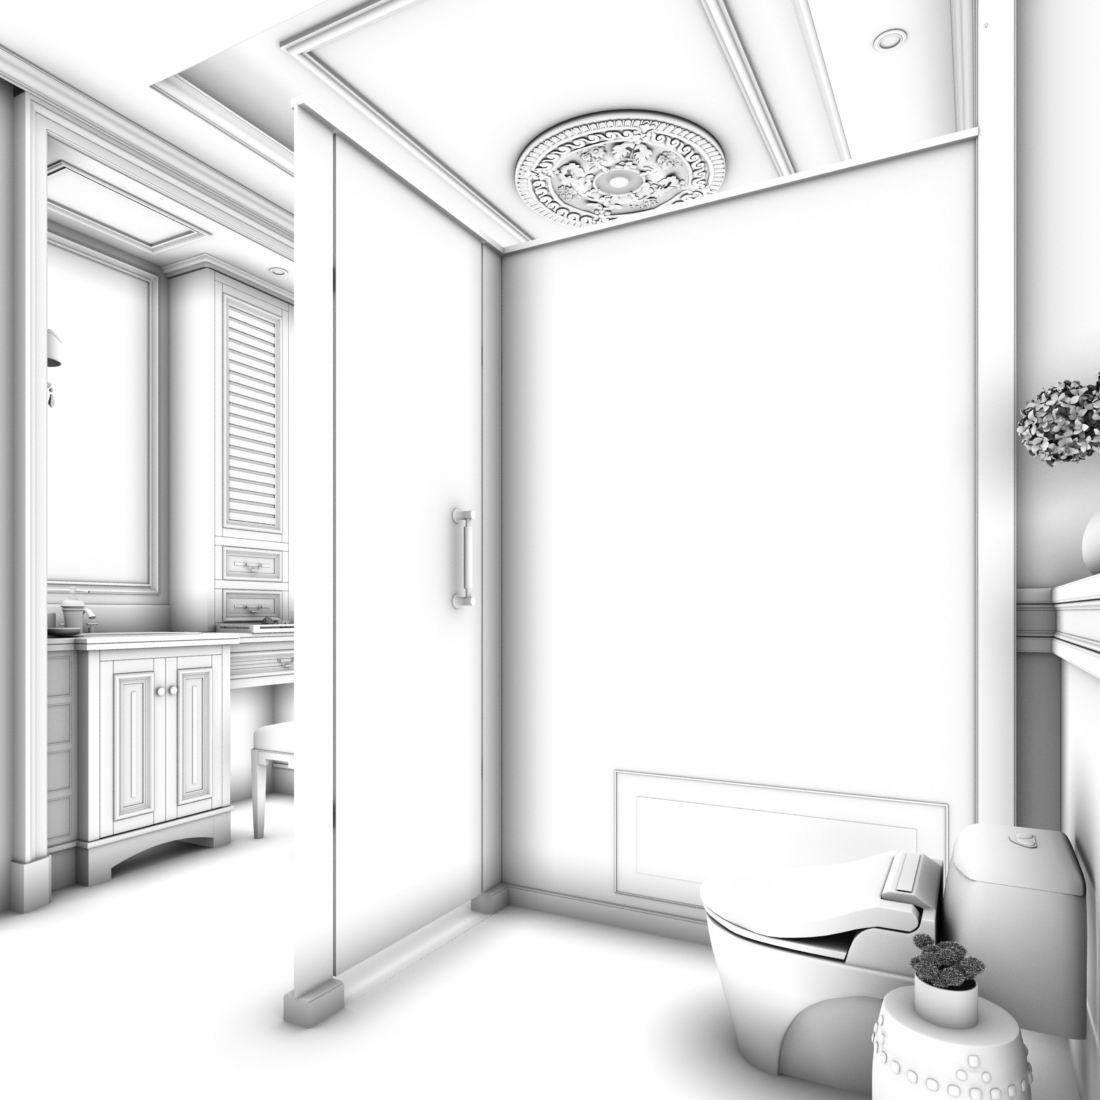 bathroom design complete model 130   CGTrader